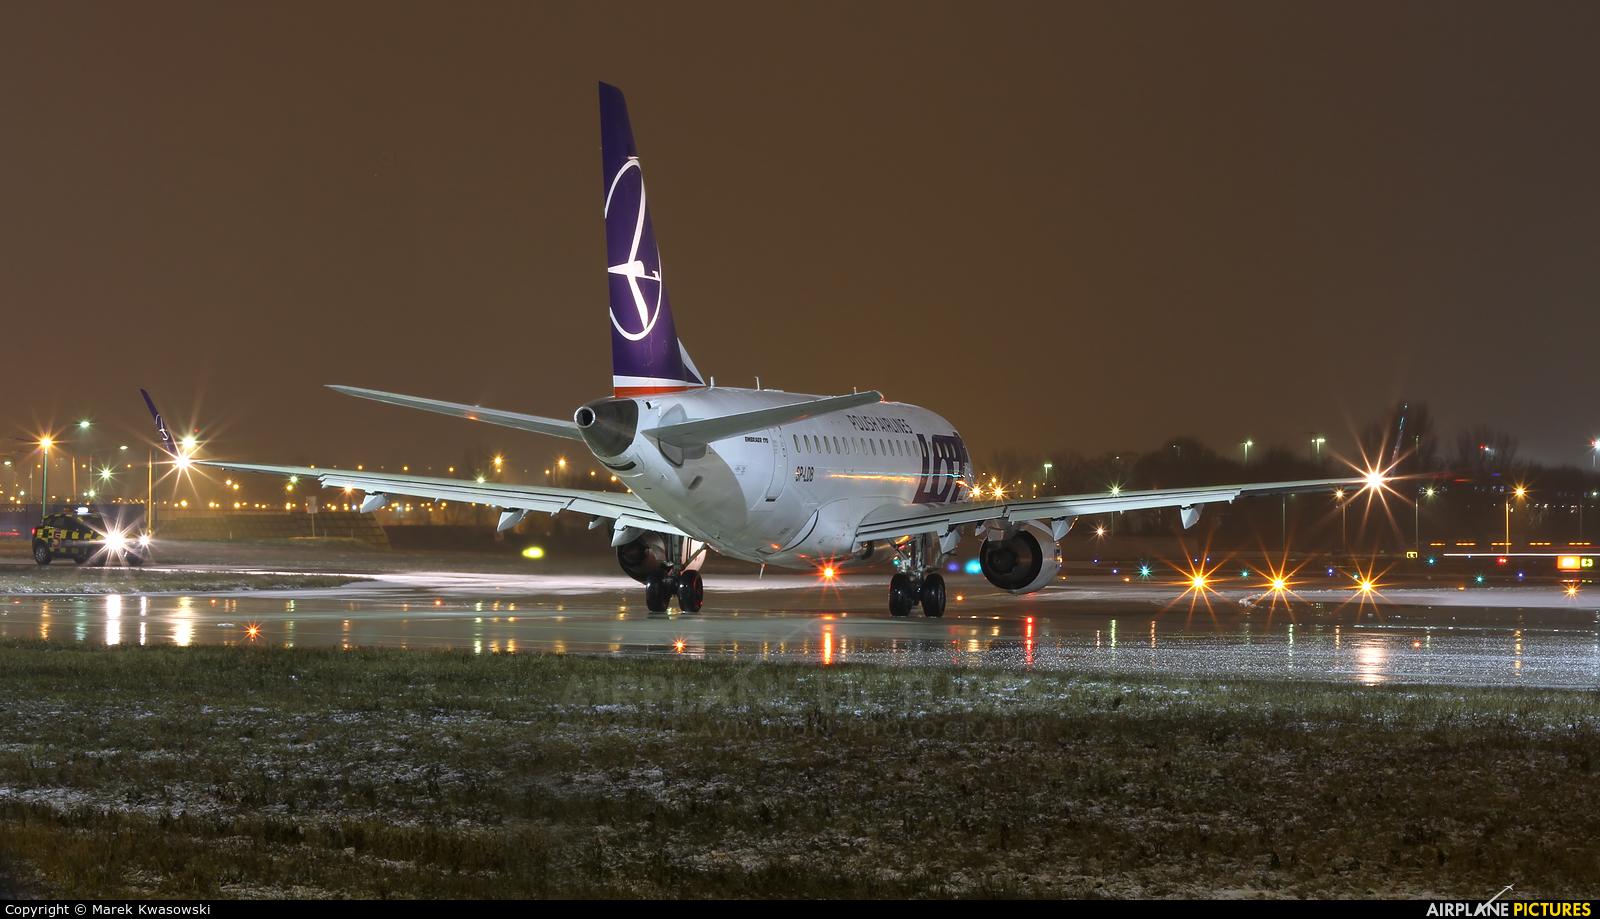 LOT - Polish Airlines SP-LDB aircraft at Warsaw - Frederic Chopin